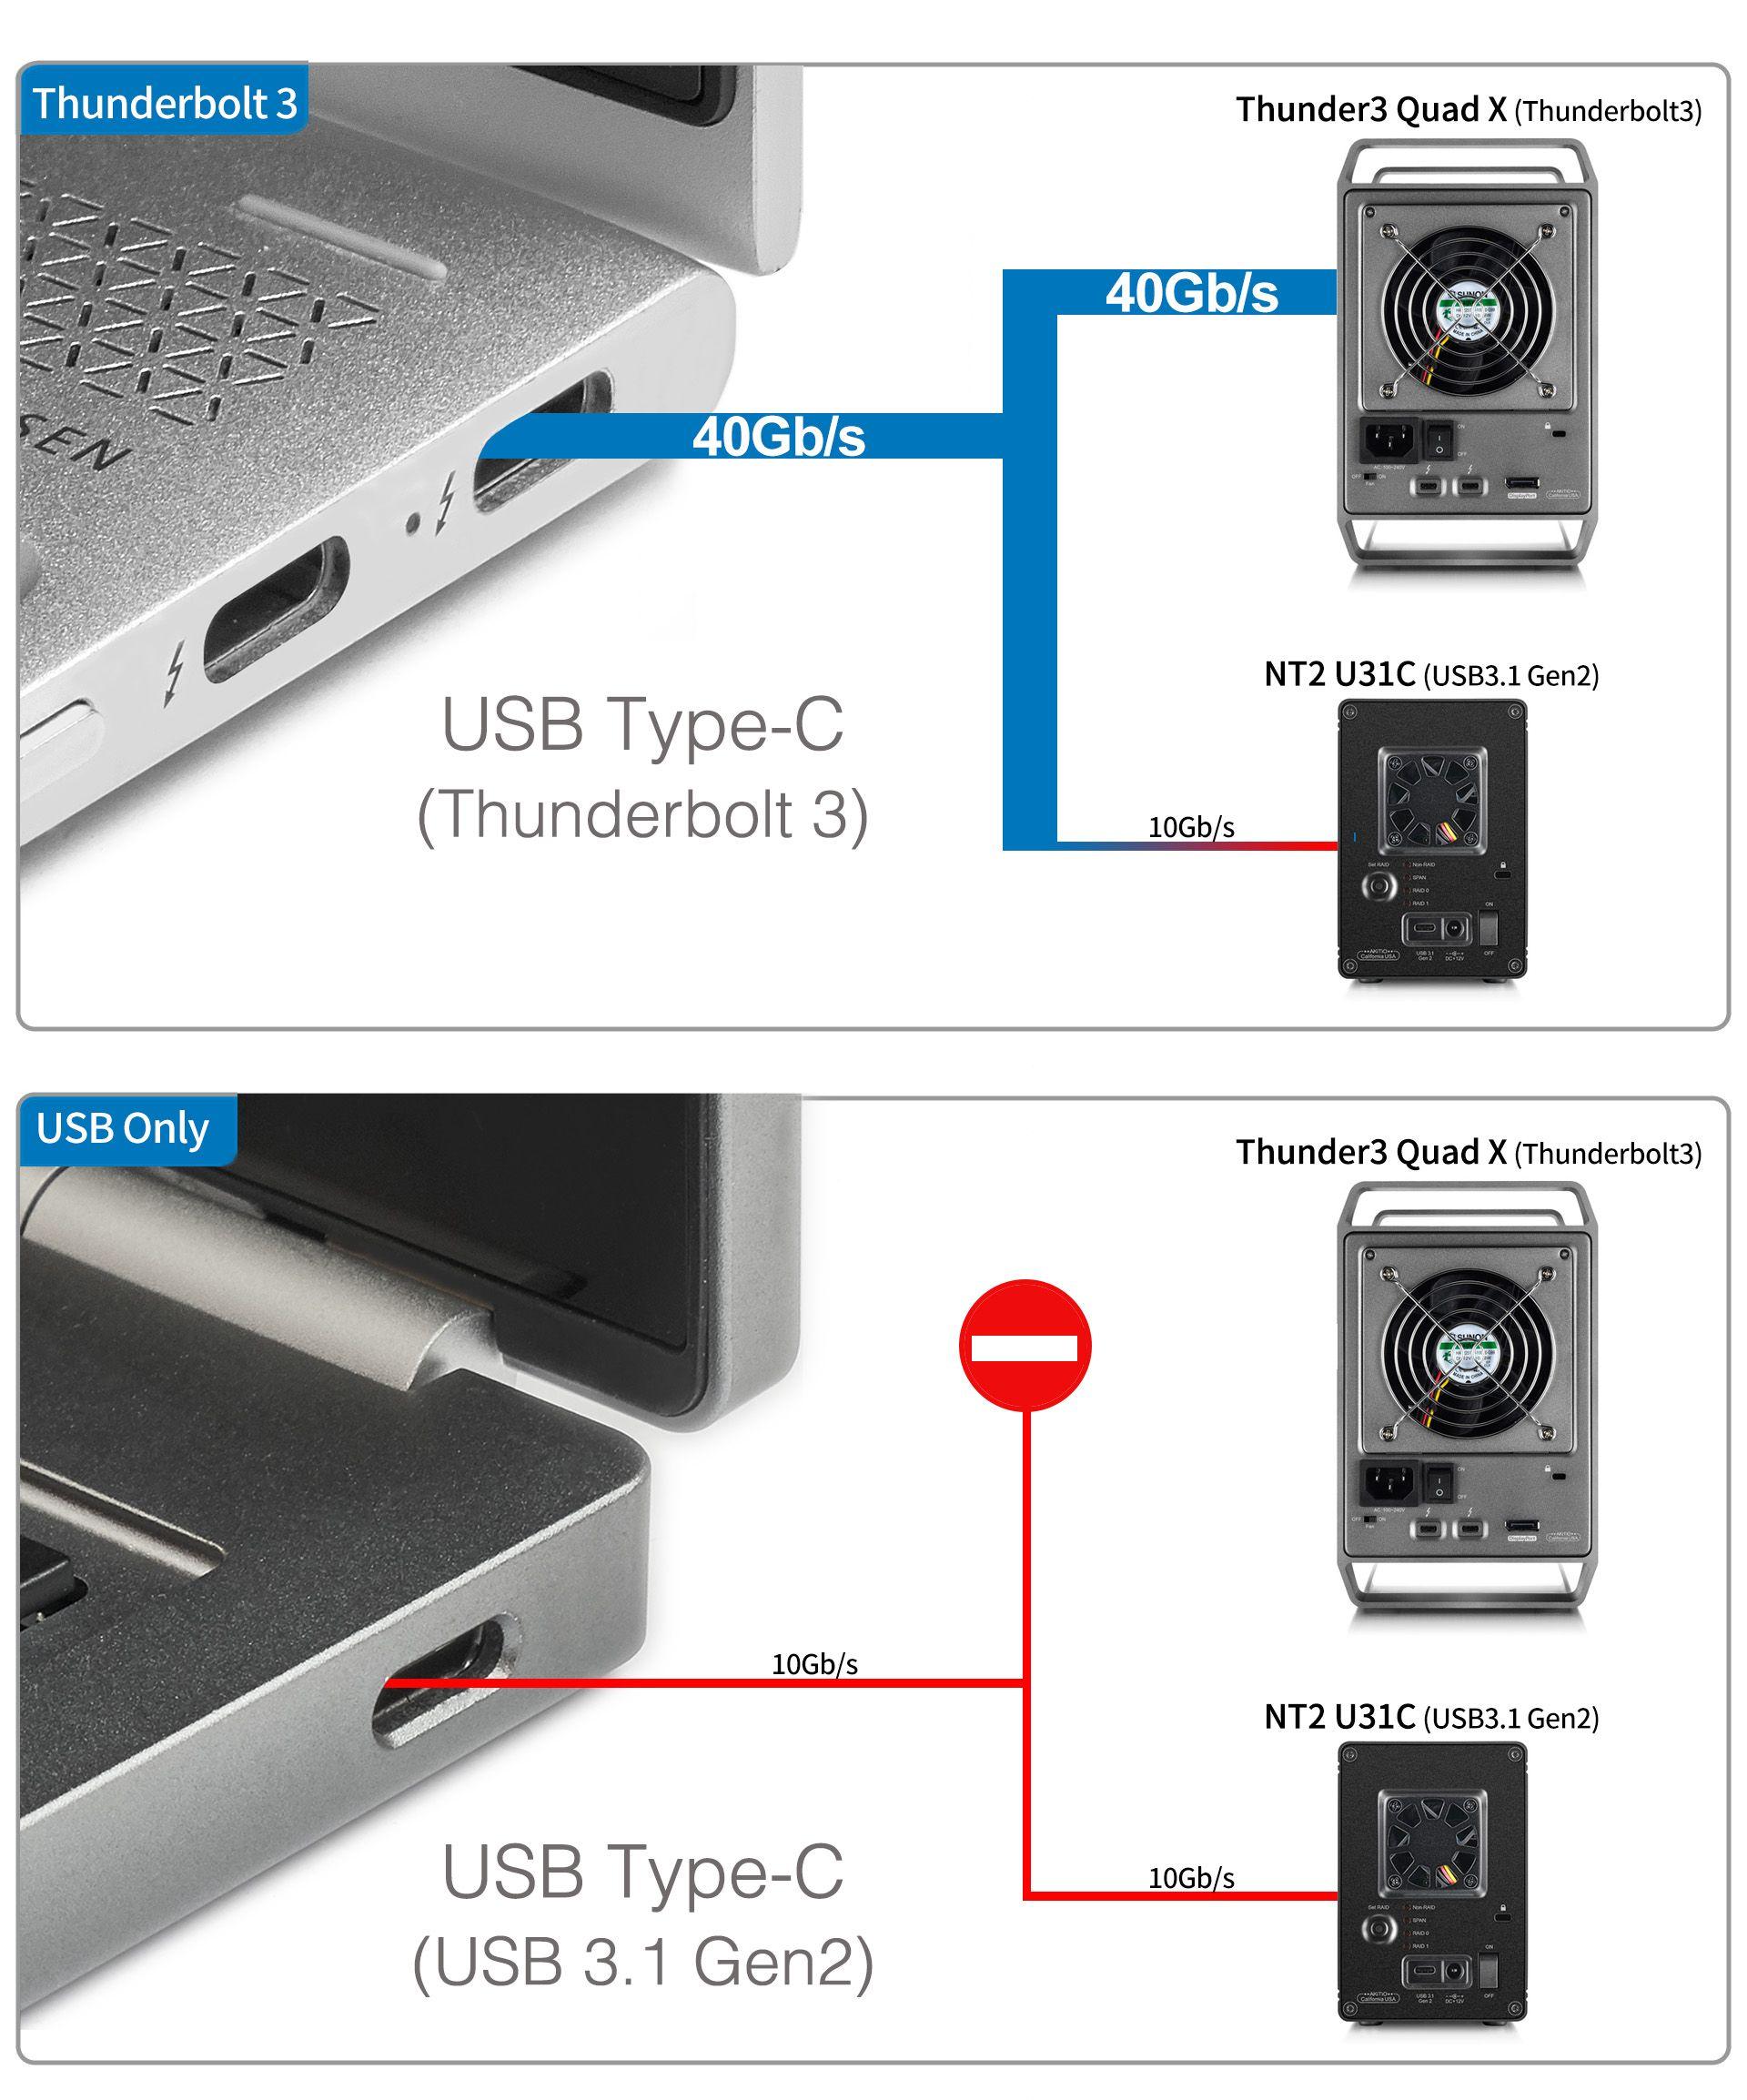 Thunderbolt 3 v.s. USB 3.1 | コンピューター, 買う, 対応